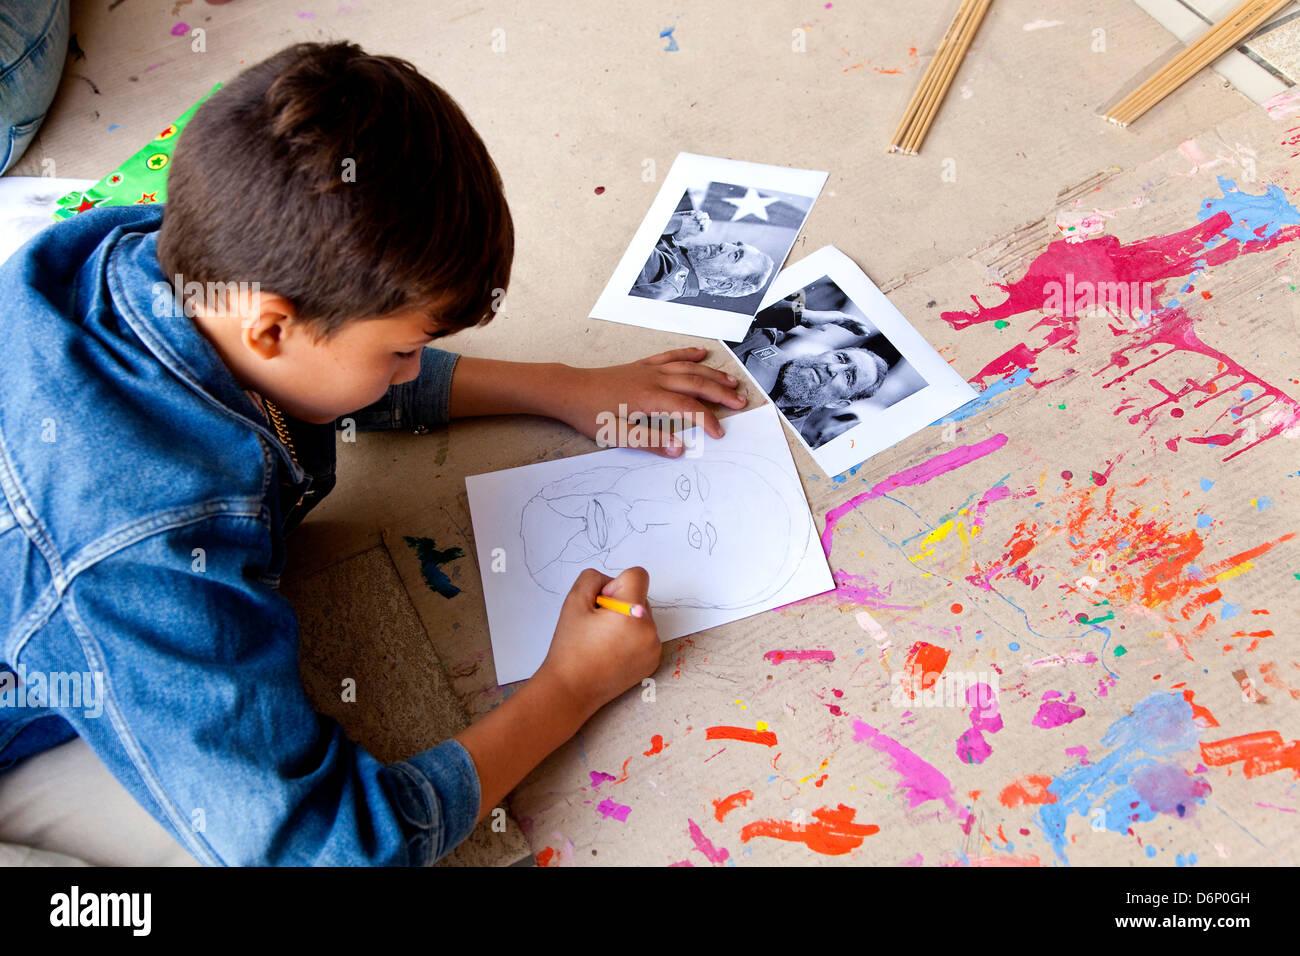 Kind-Malerei-Porträt von Fidel Castro. Kubanische Havanna, La Habana, Cuba, Südamerika, Lateinamerika Stockbild